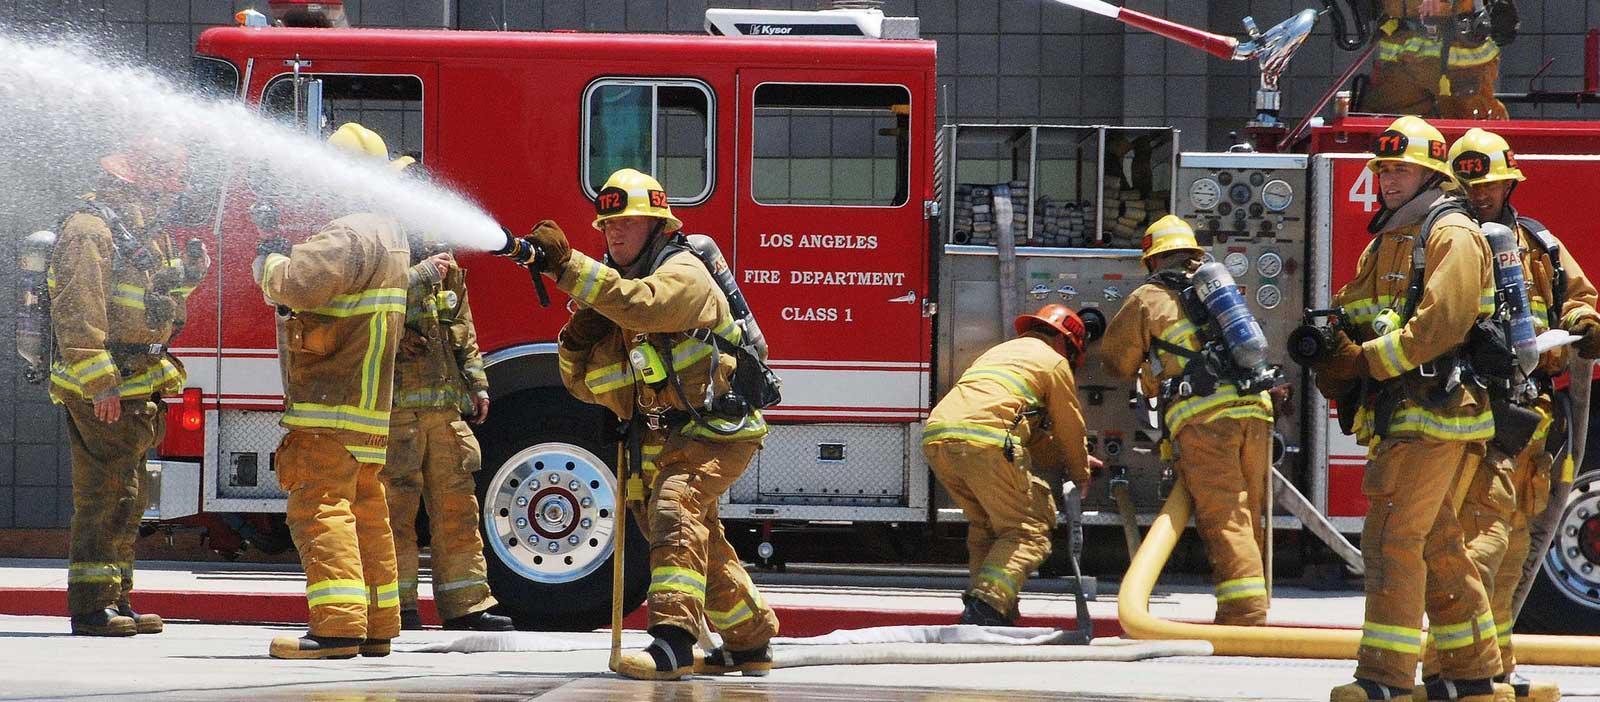 fire department cigarette